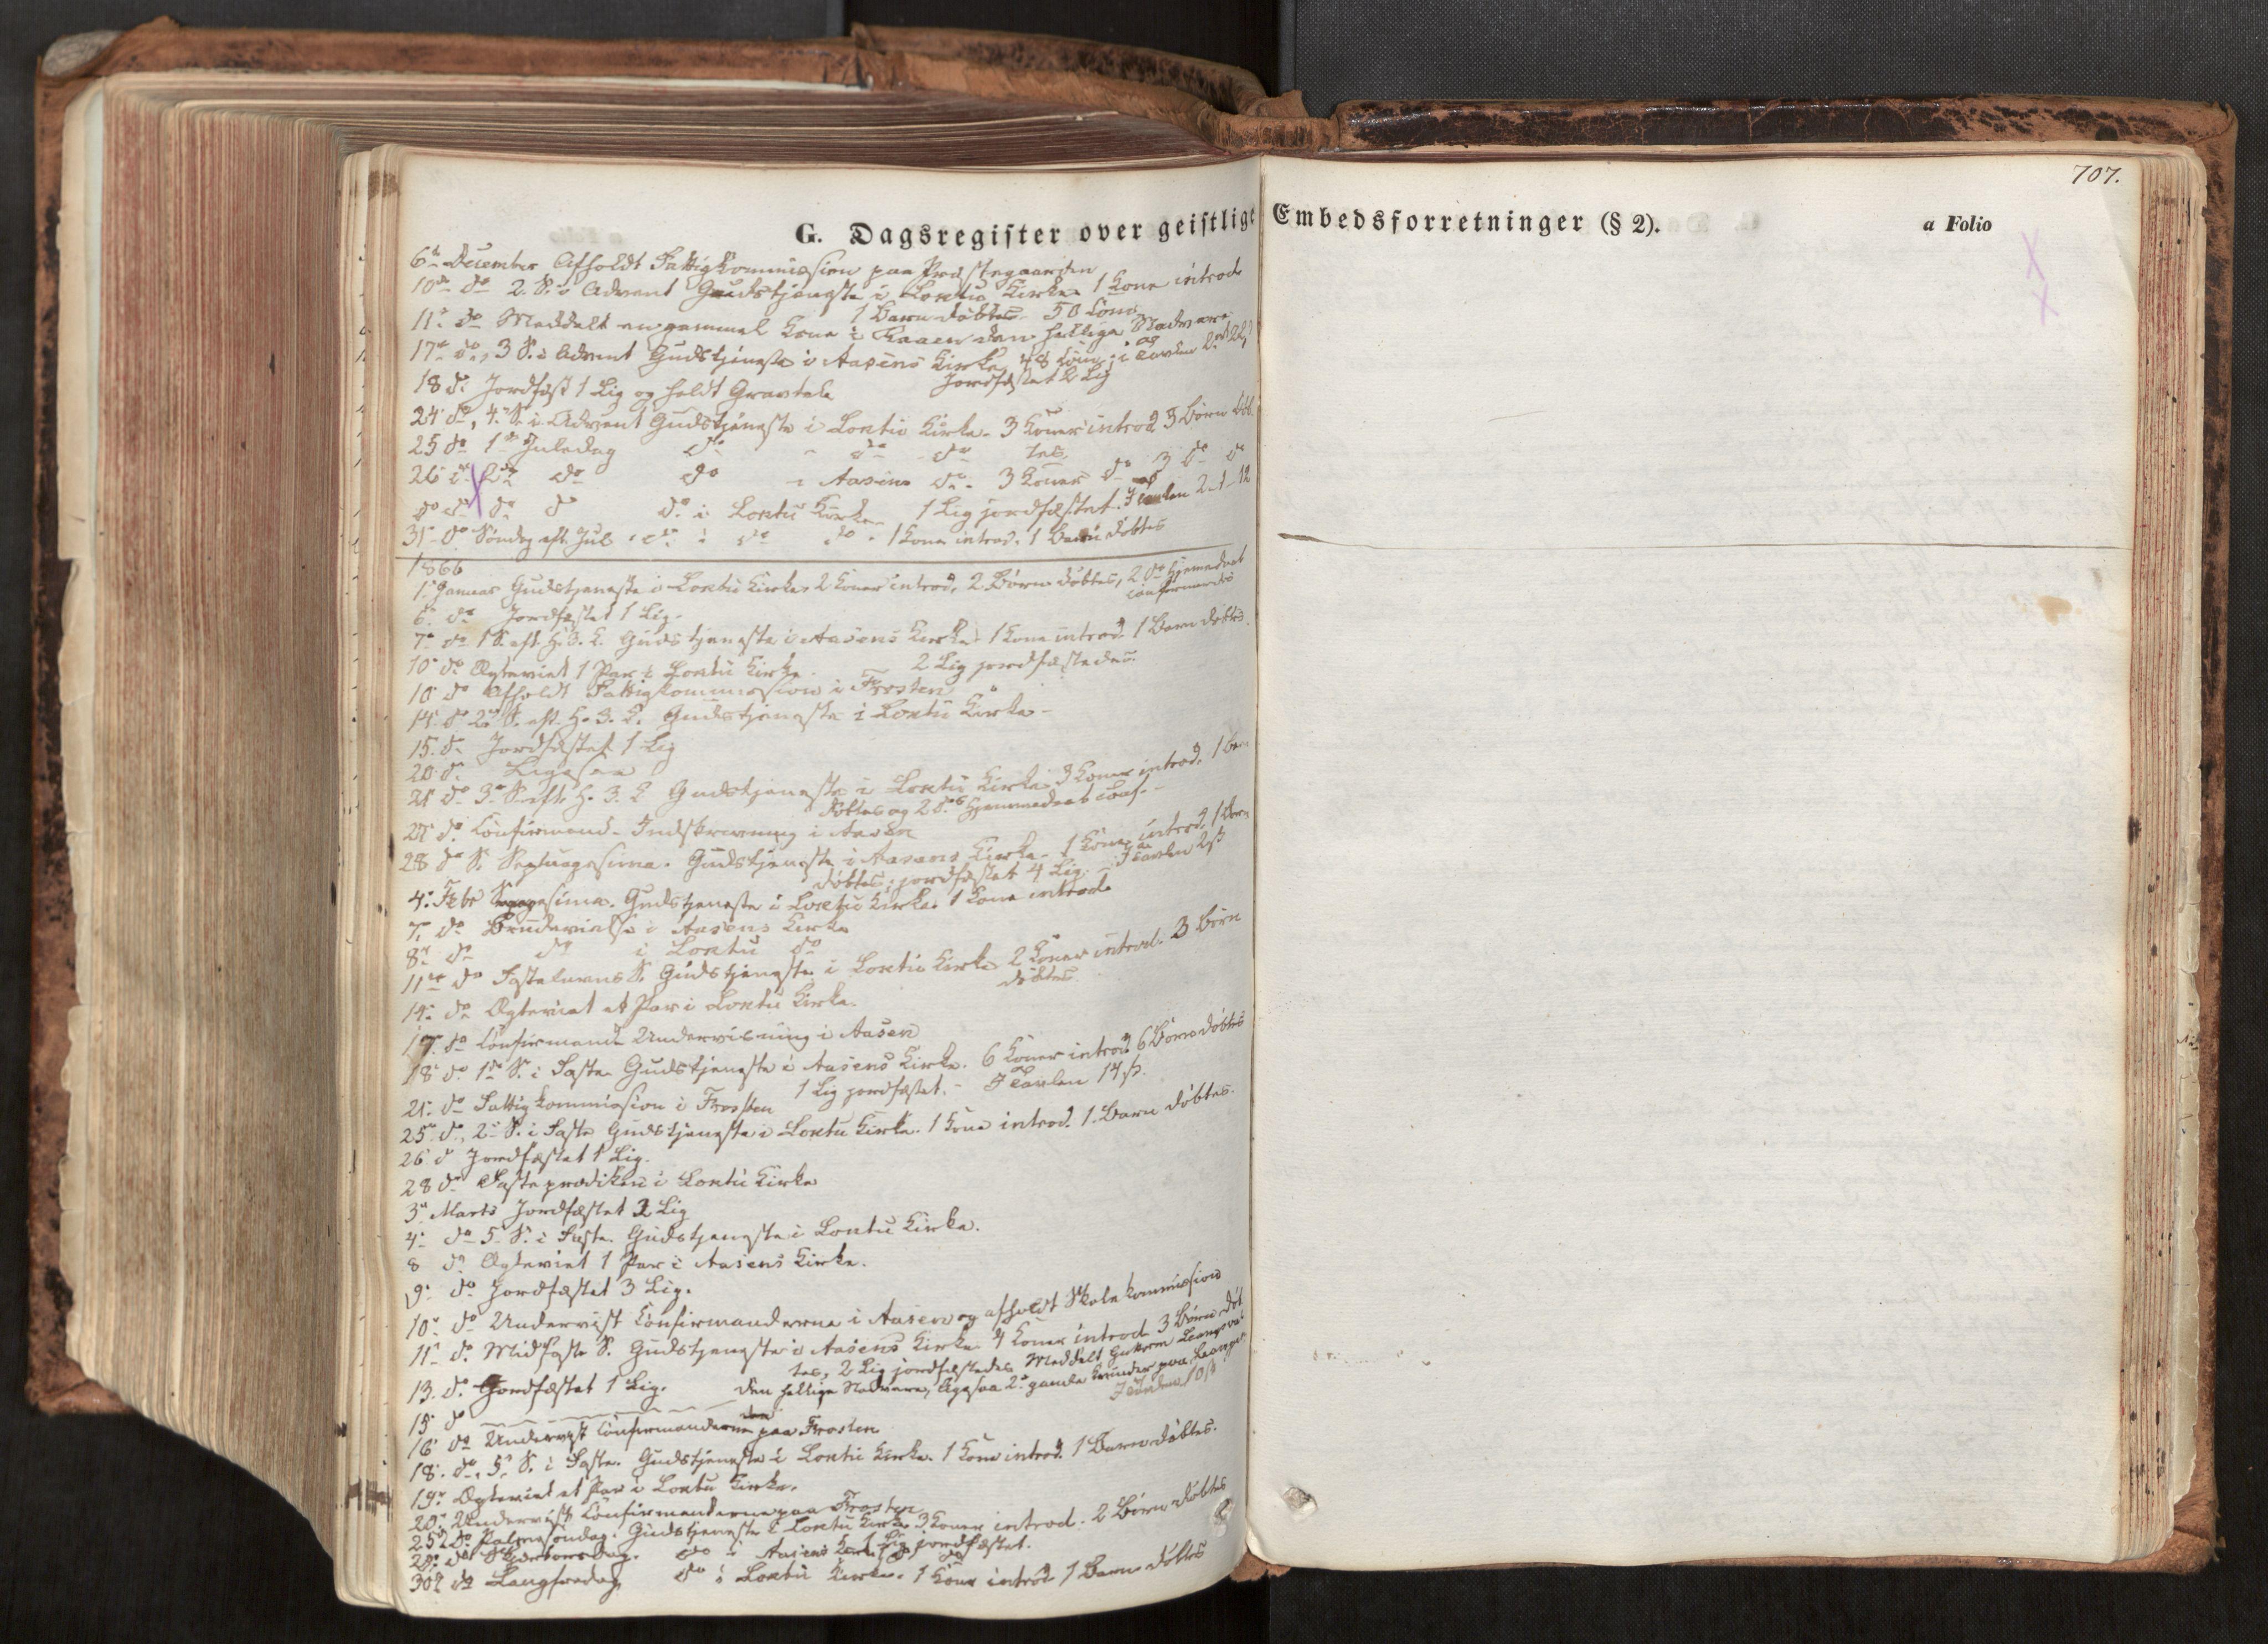 SAT, Ministerialprotokoller, klokkerbøker og fødselsregistre - Nord-Trøndelag, 713/L0116: Ministerialbok nr. 713A07, 1850-1877, s. 707